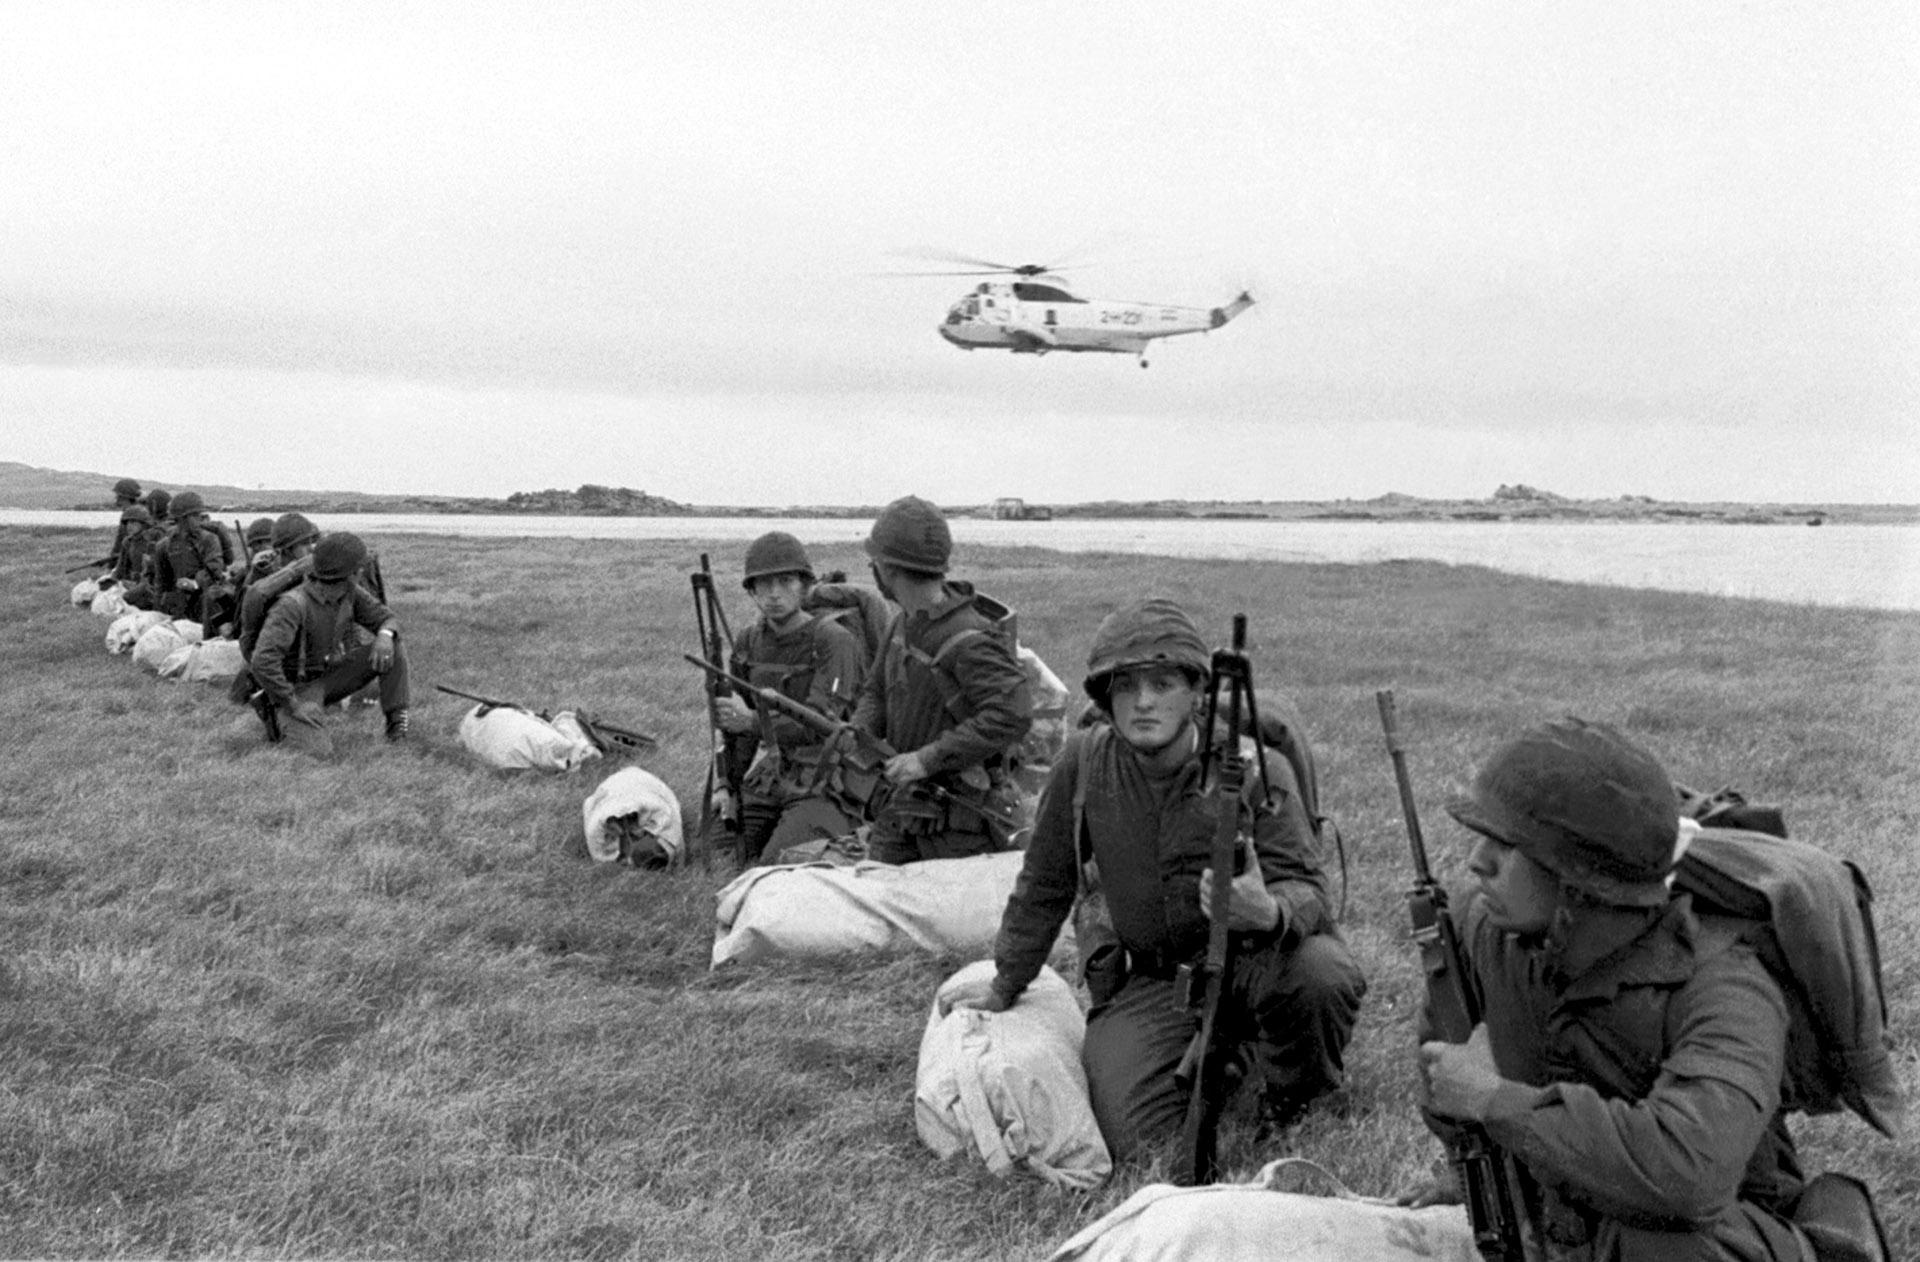 El helicóptero Sea King de la Armada sobrevuela a los soldados en el terreno. Sólo falta la orden de avanzar (Foto: Osvaldo Zurlo)